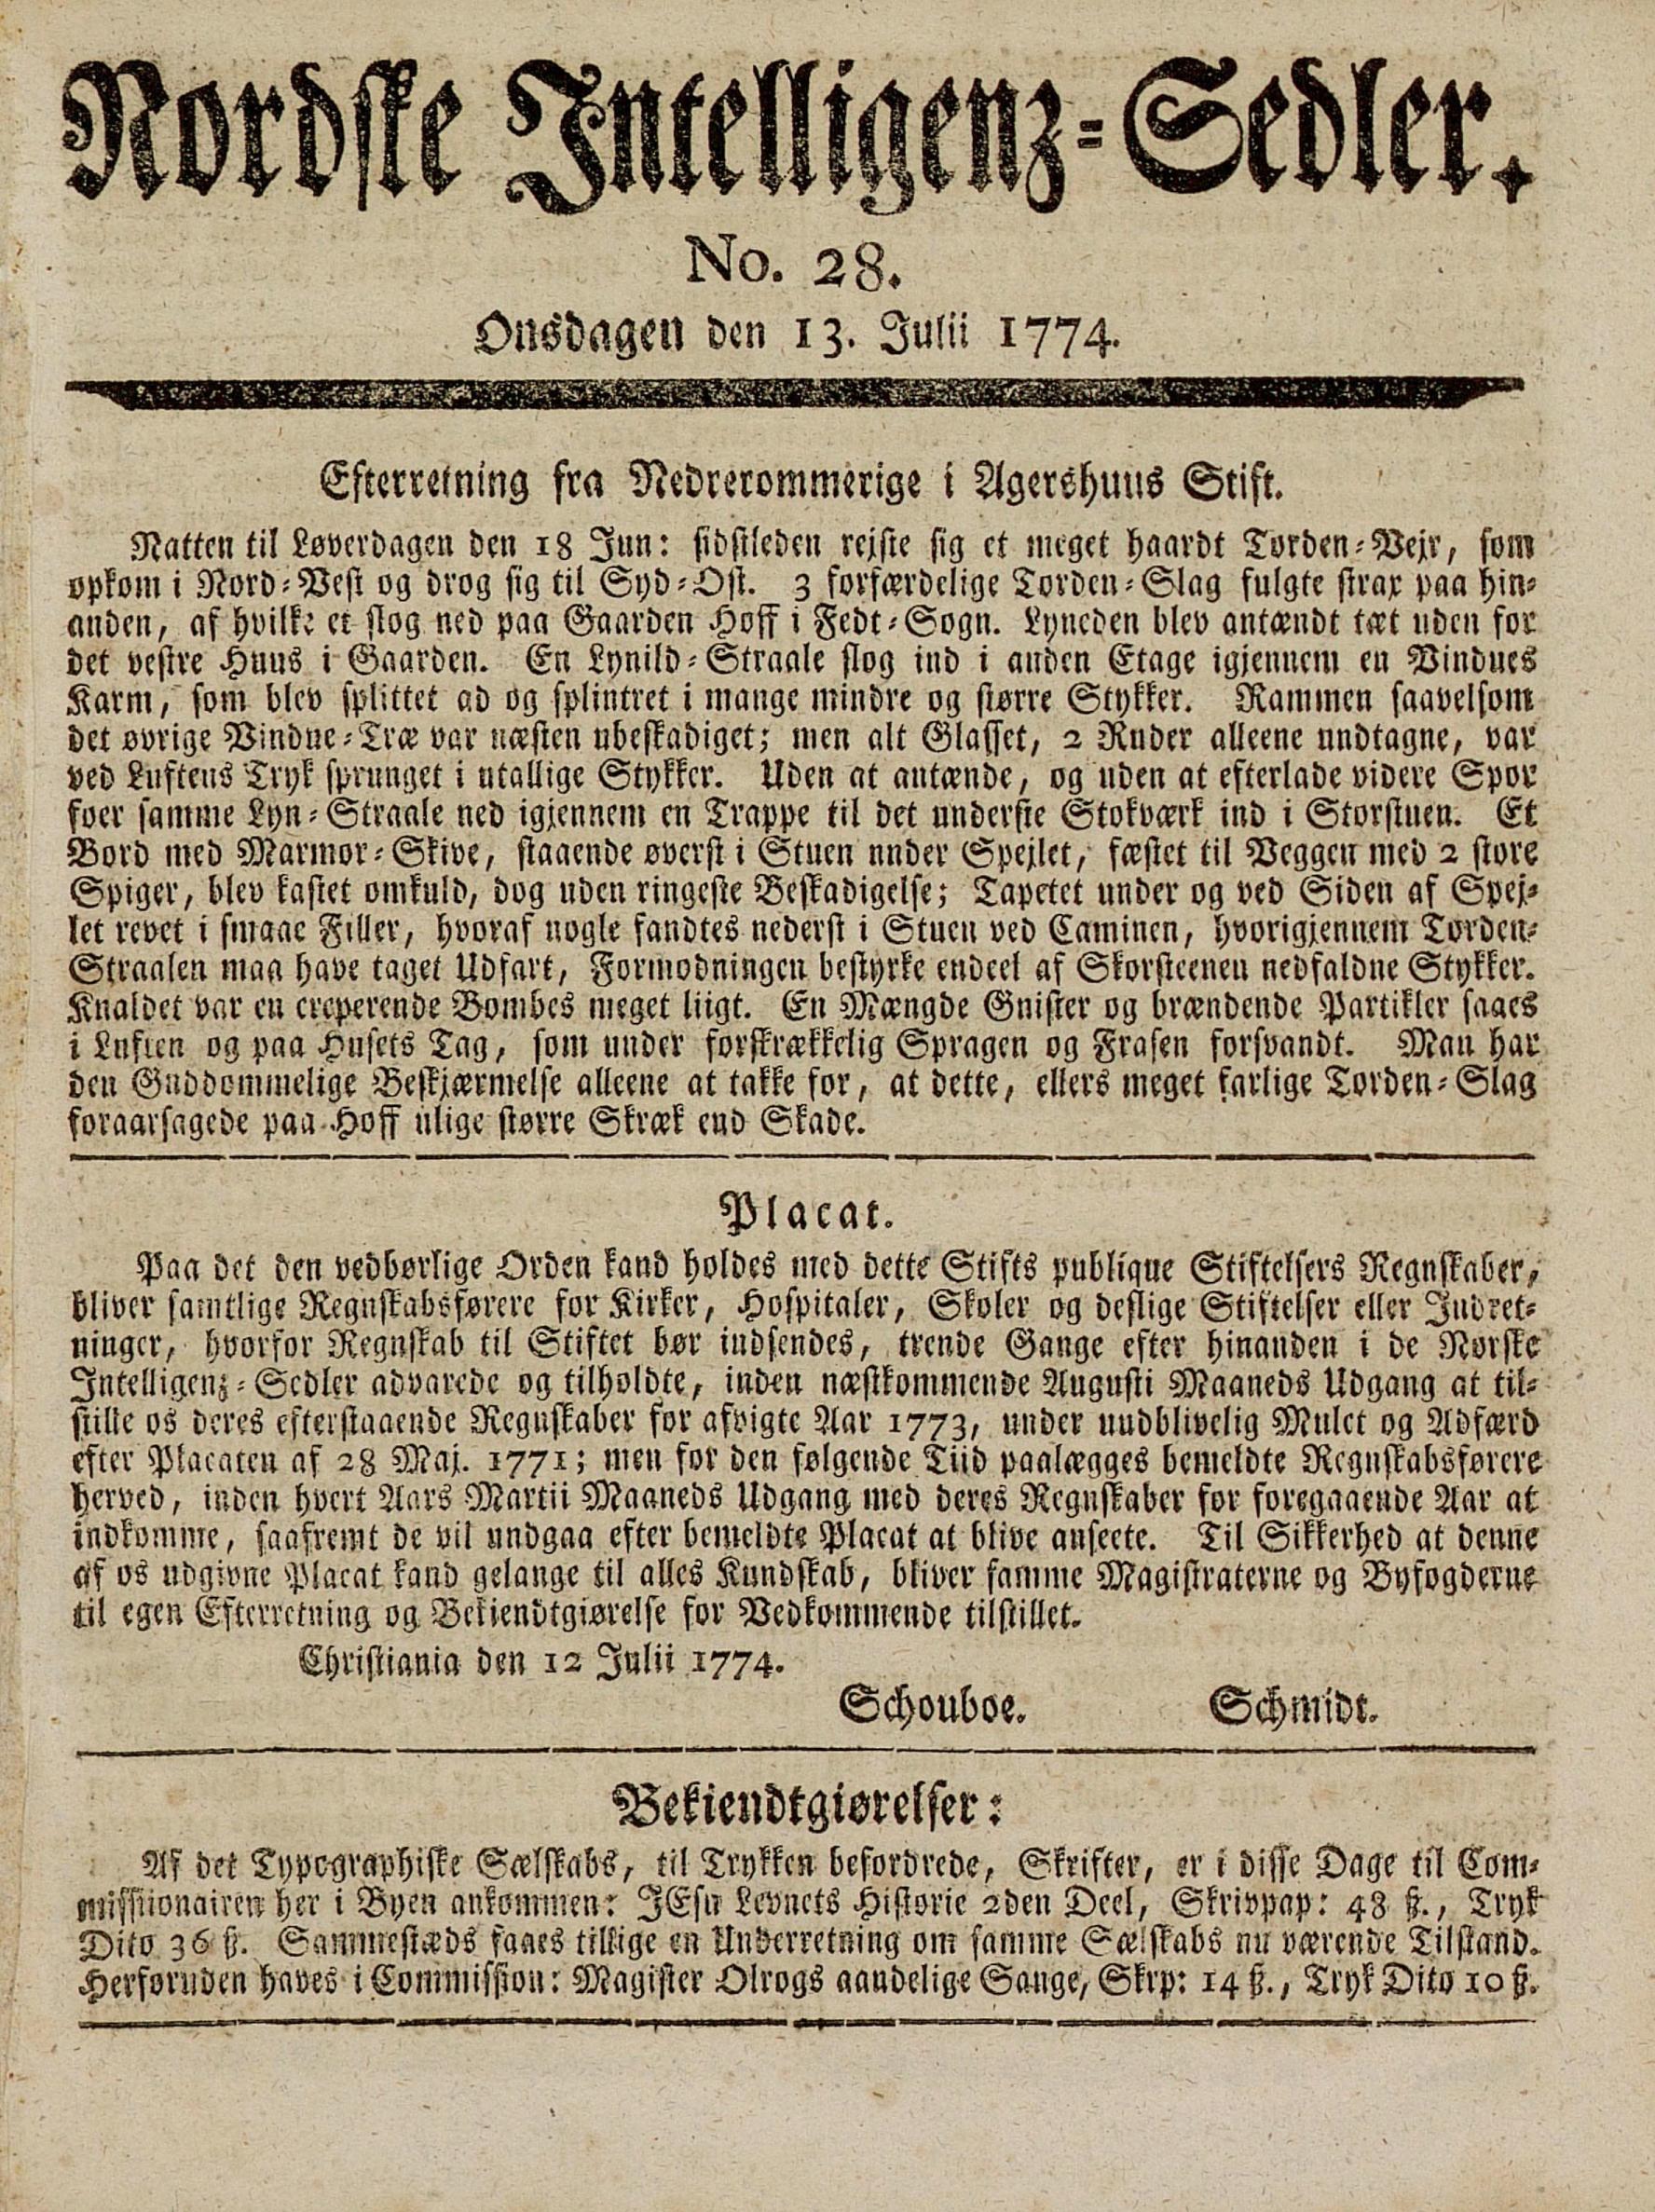 Norske_Intelligenz-Seddeler-no28-13juli-1774.jpg